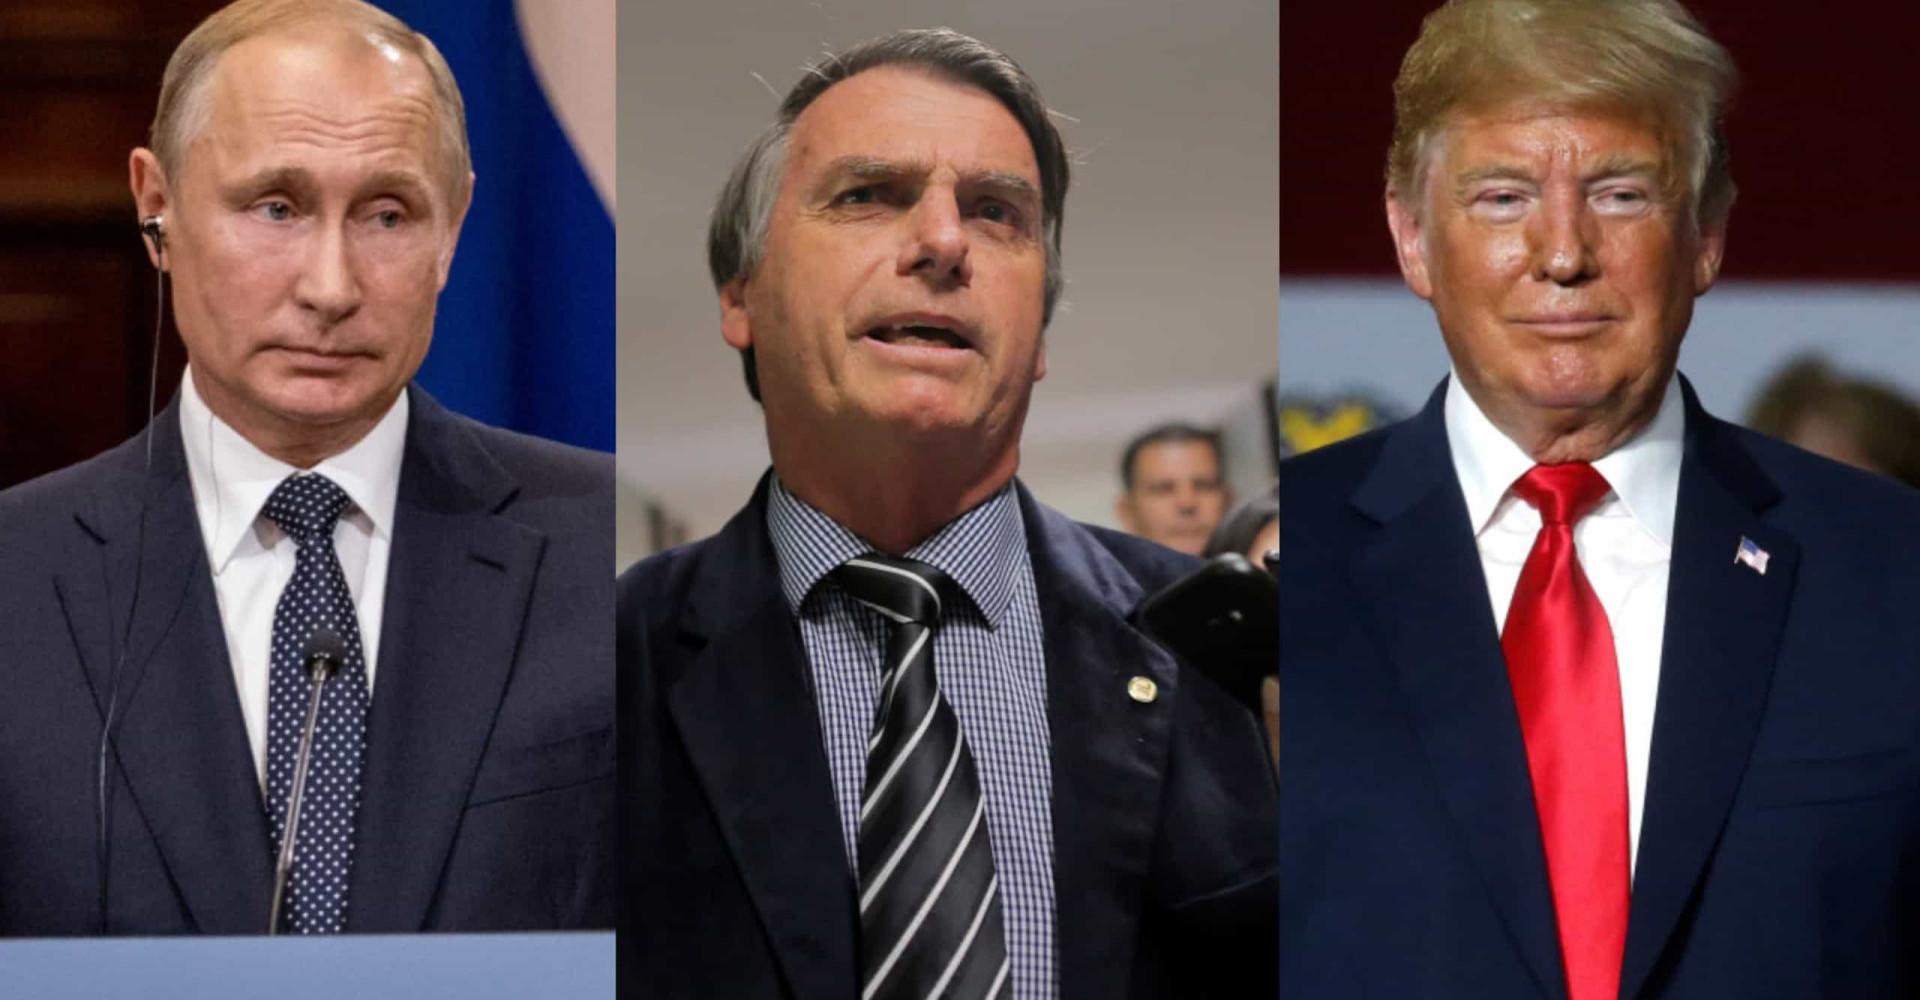 Relembre outras figuras políticas que sofreram atentados